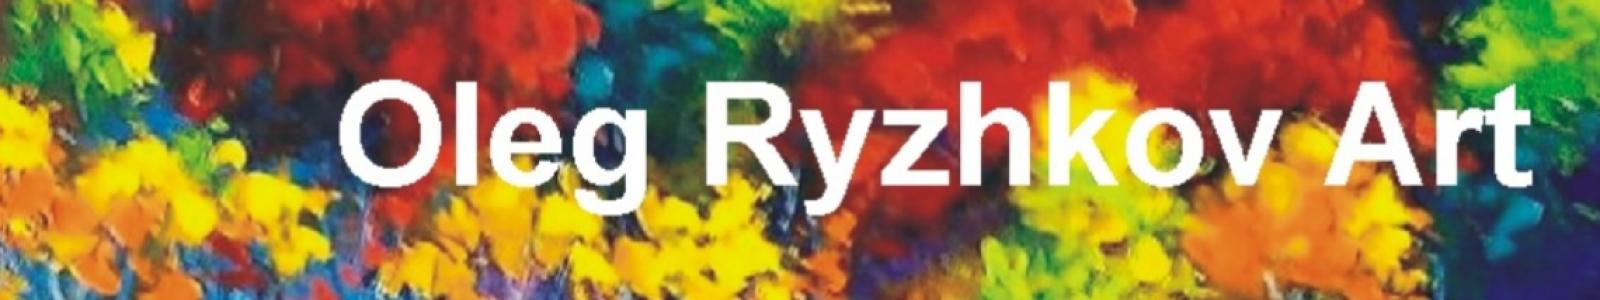 Gallery Painter Oleg Ryzhkov